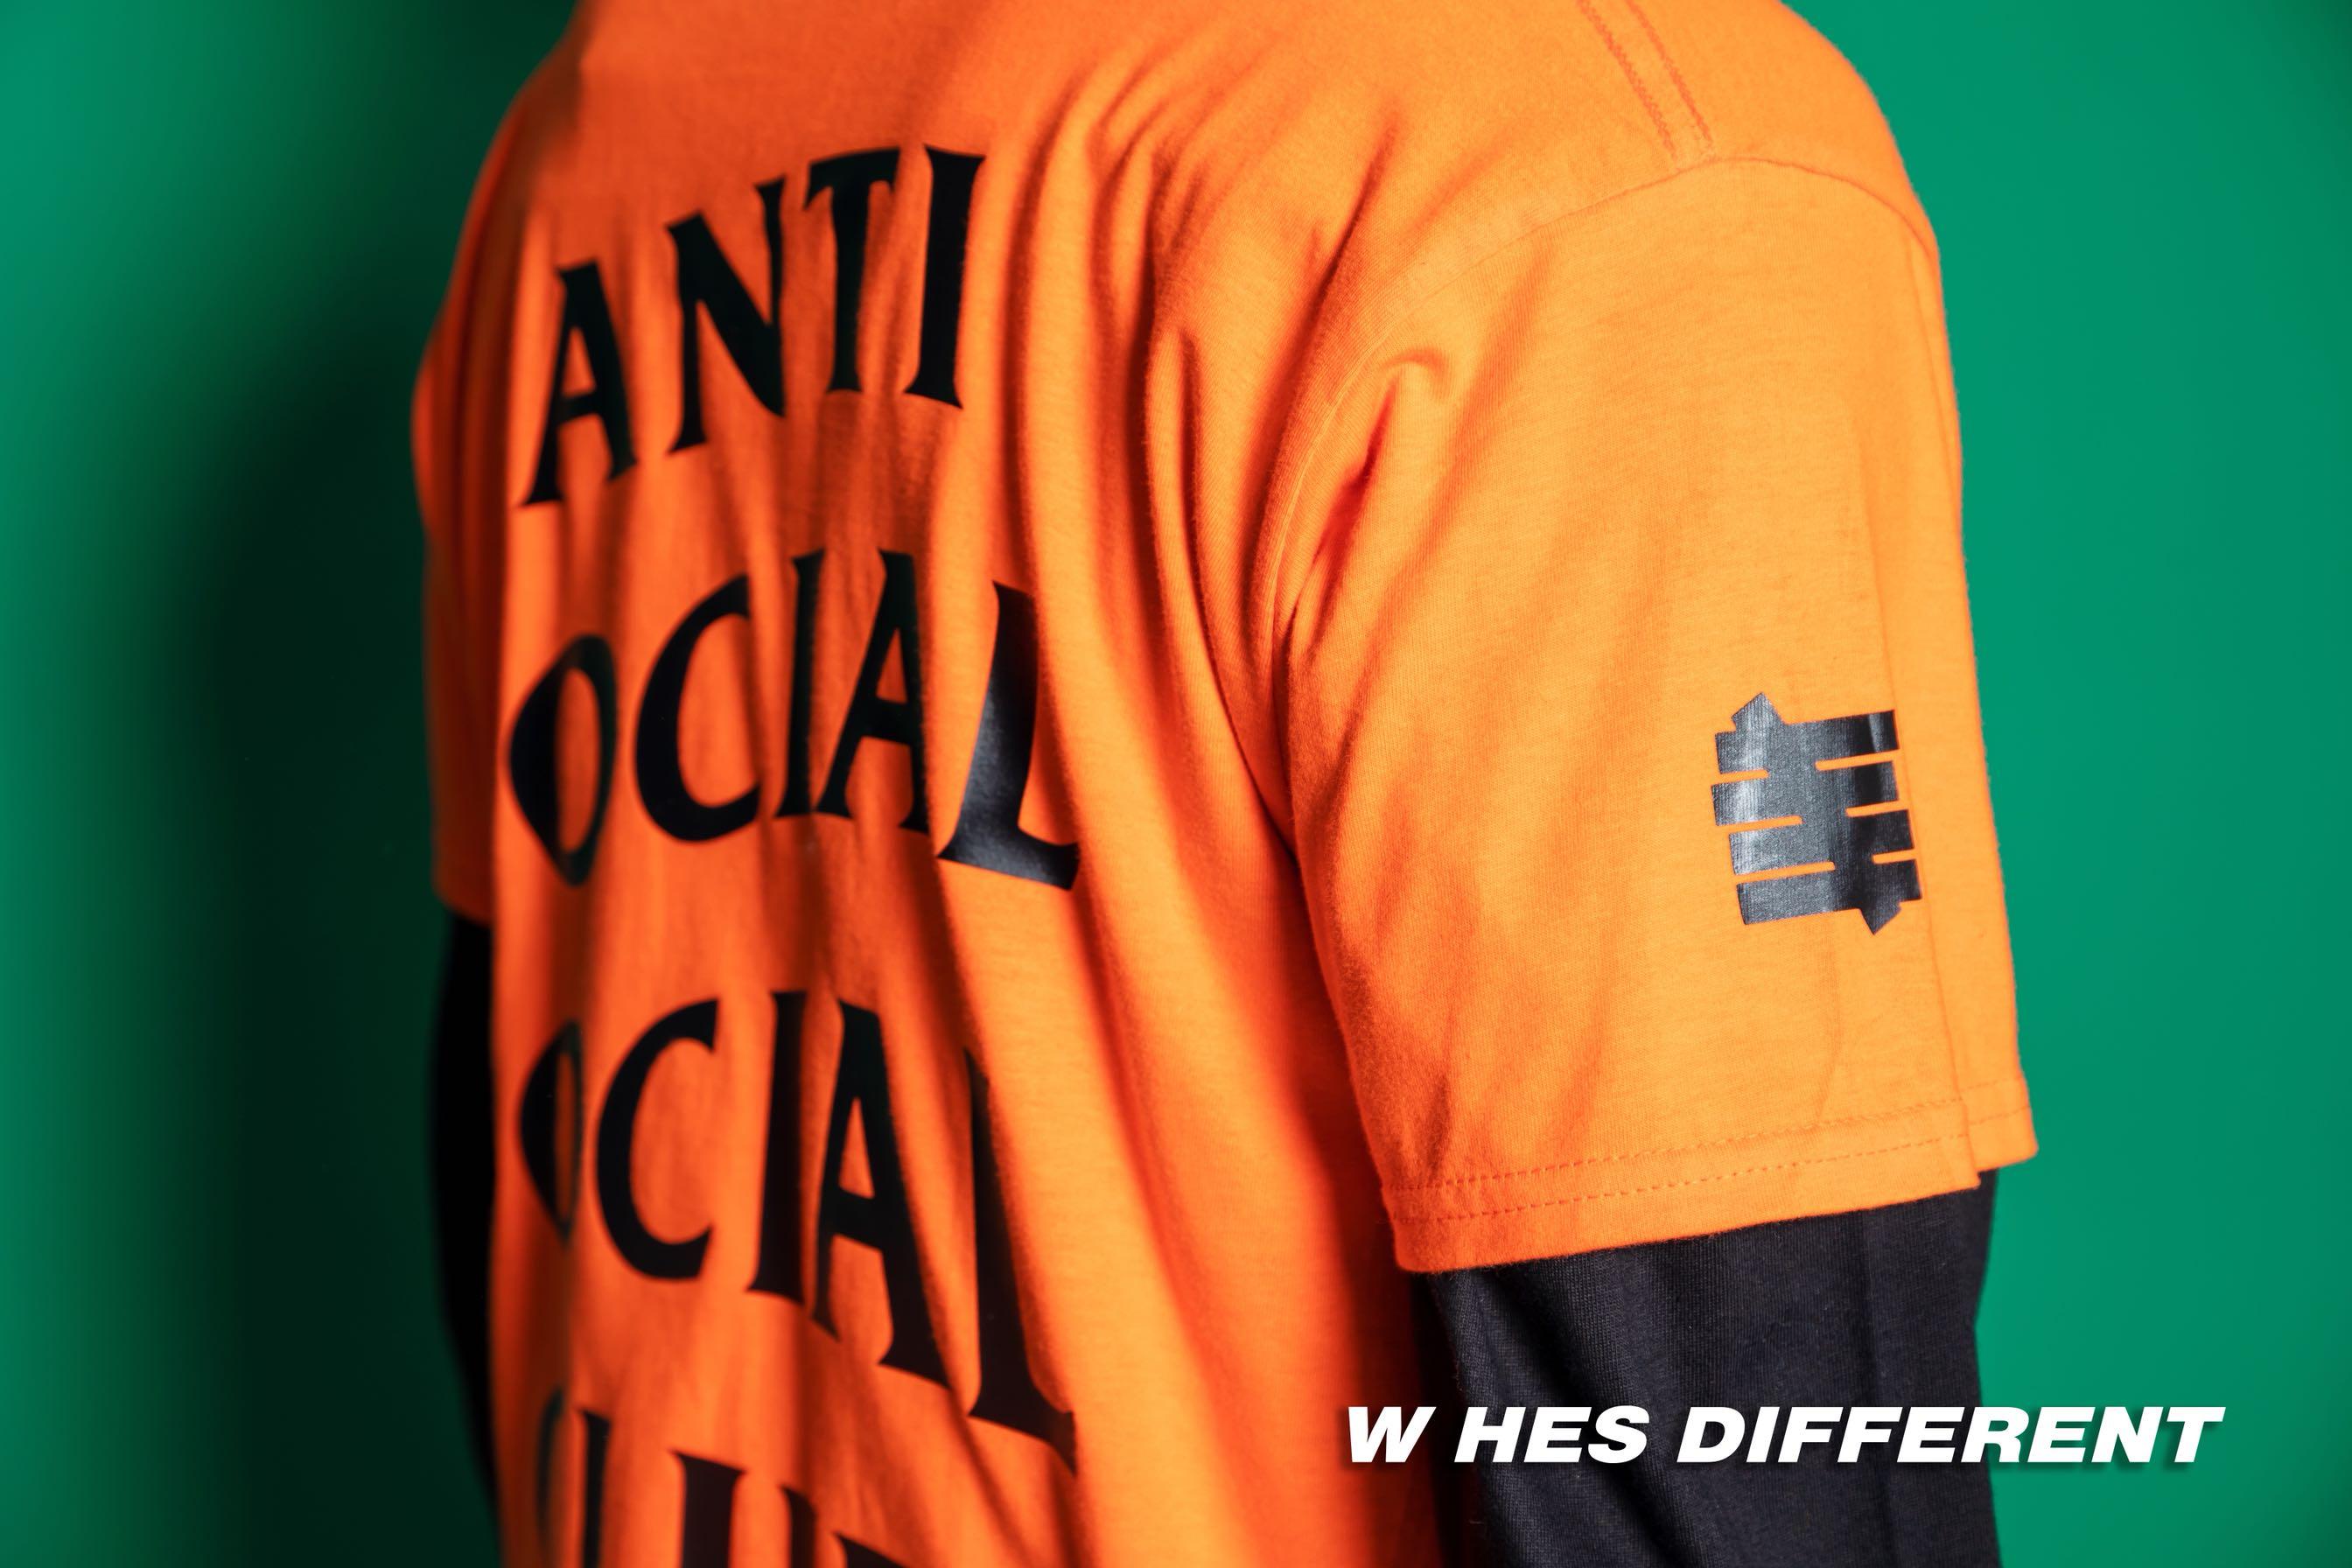 橘色新款青春流行男t恤欧美有领宽松半袖长袖高街潮款字母T